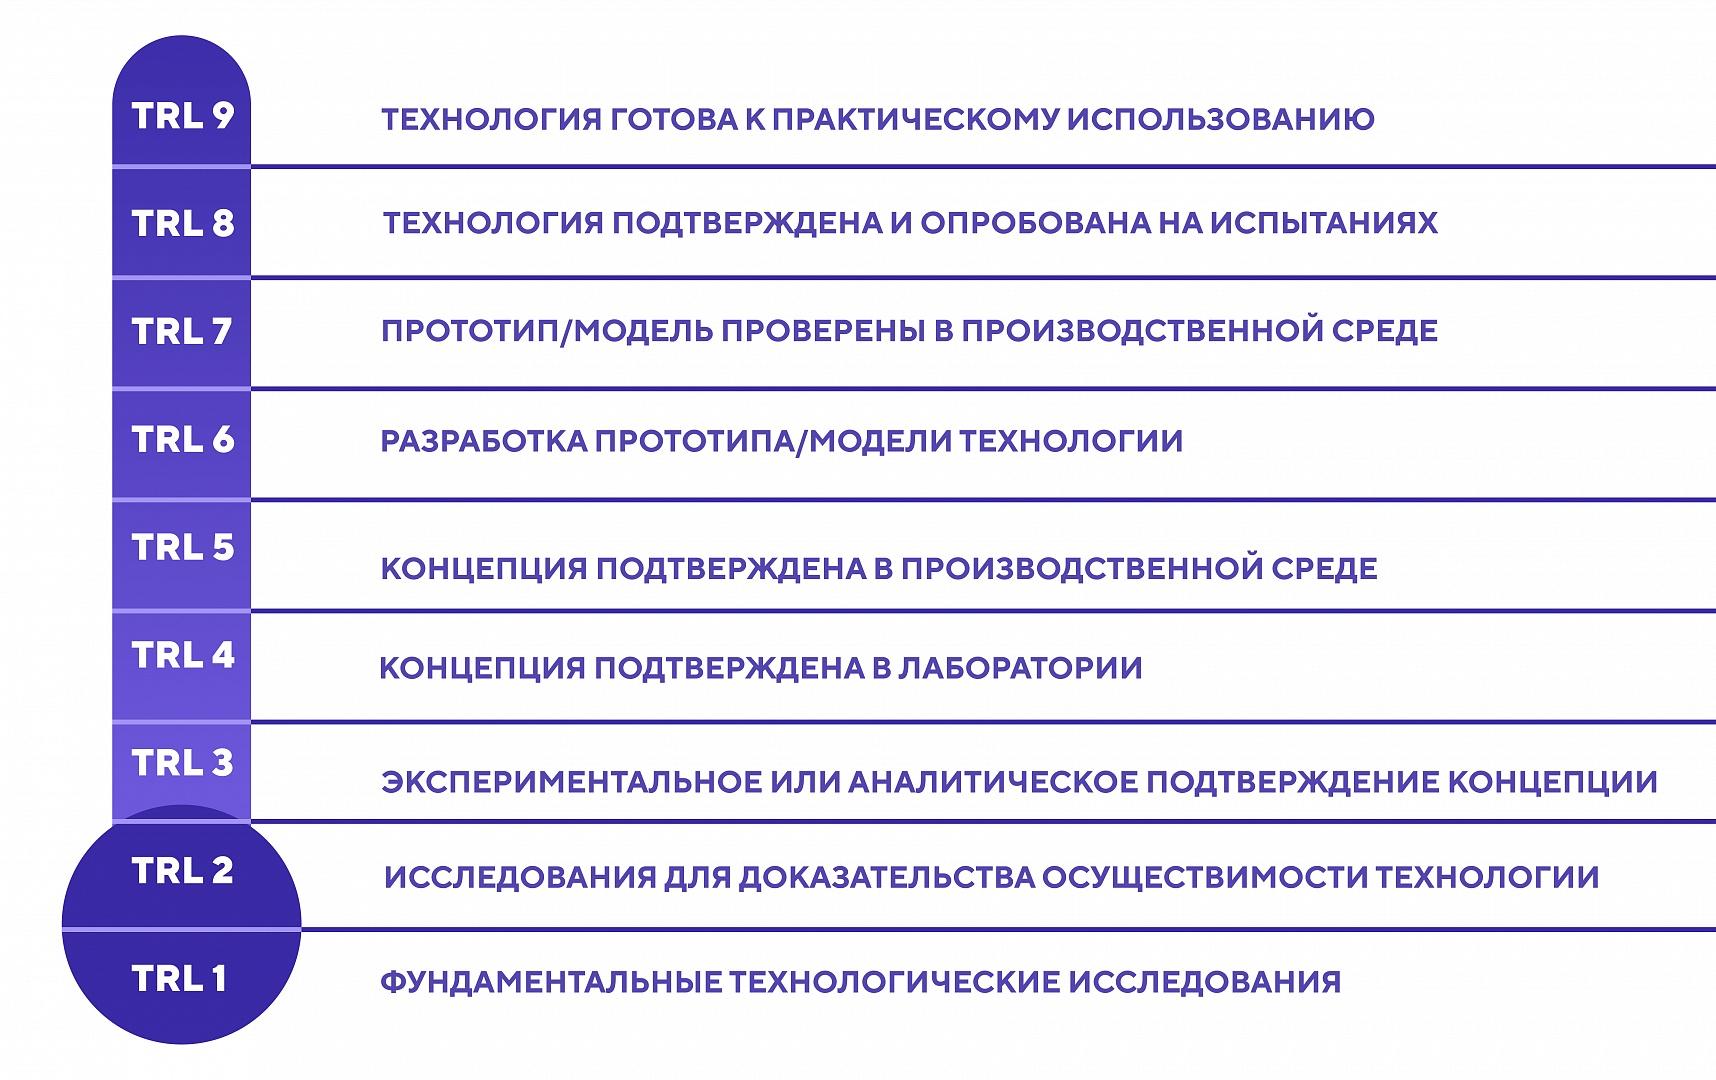 Методологические указания в оценке TRL